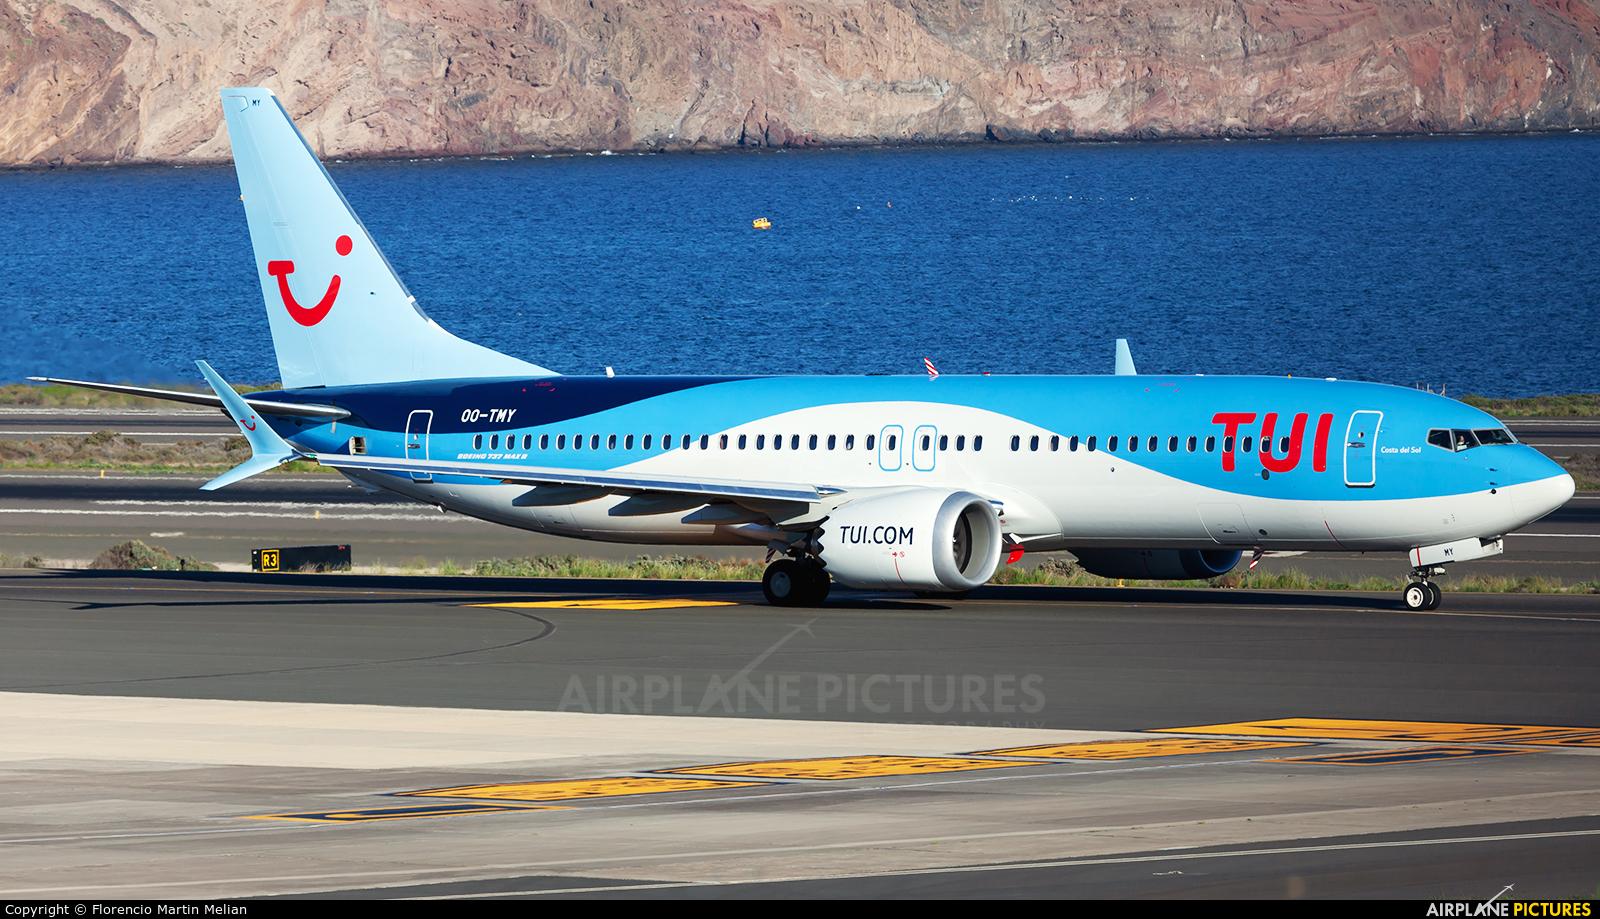 TUI Airlines Belgium OO-TMY aircraft at Aeropuerto de Gran Canaria